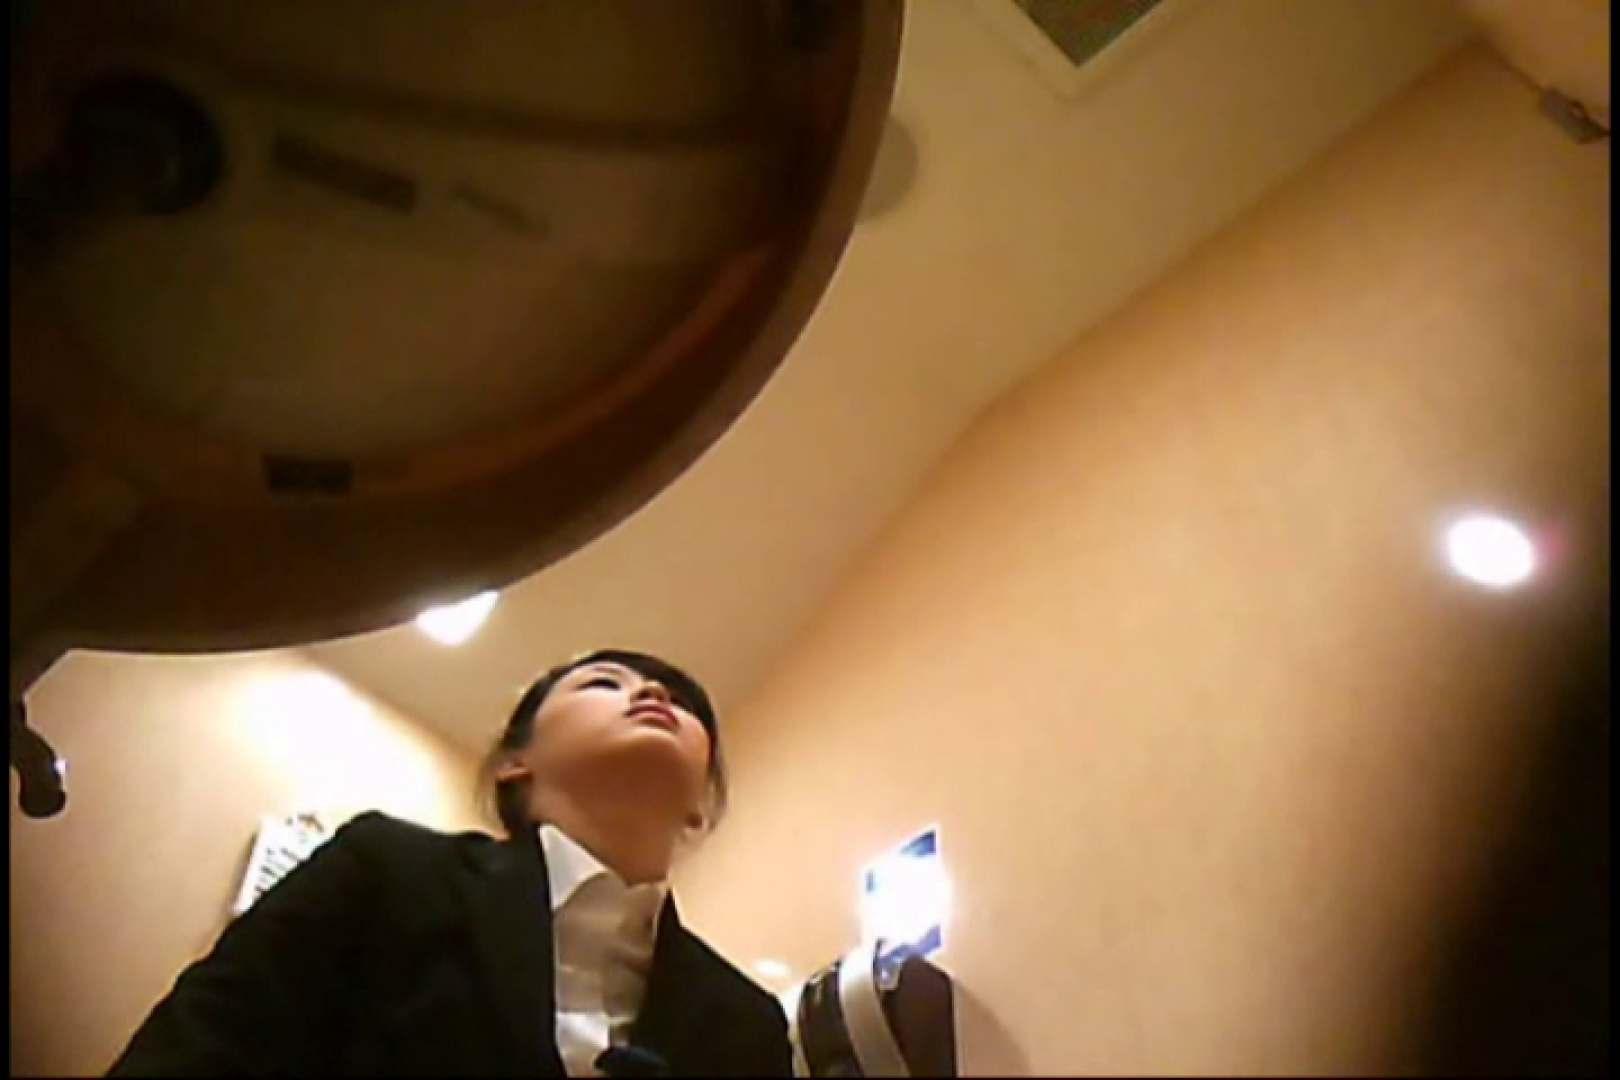 潜入!!女子化粧室盗撮~絶対見られたくない時間~vo,82 盗撮師作品 盗み撮り動画キャプチャ 82pic 2